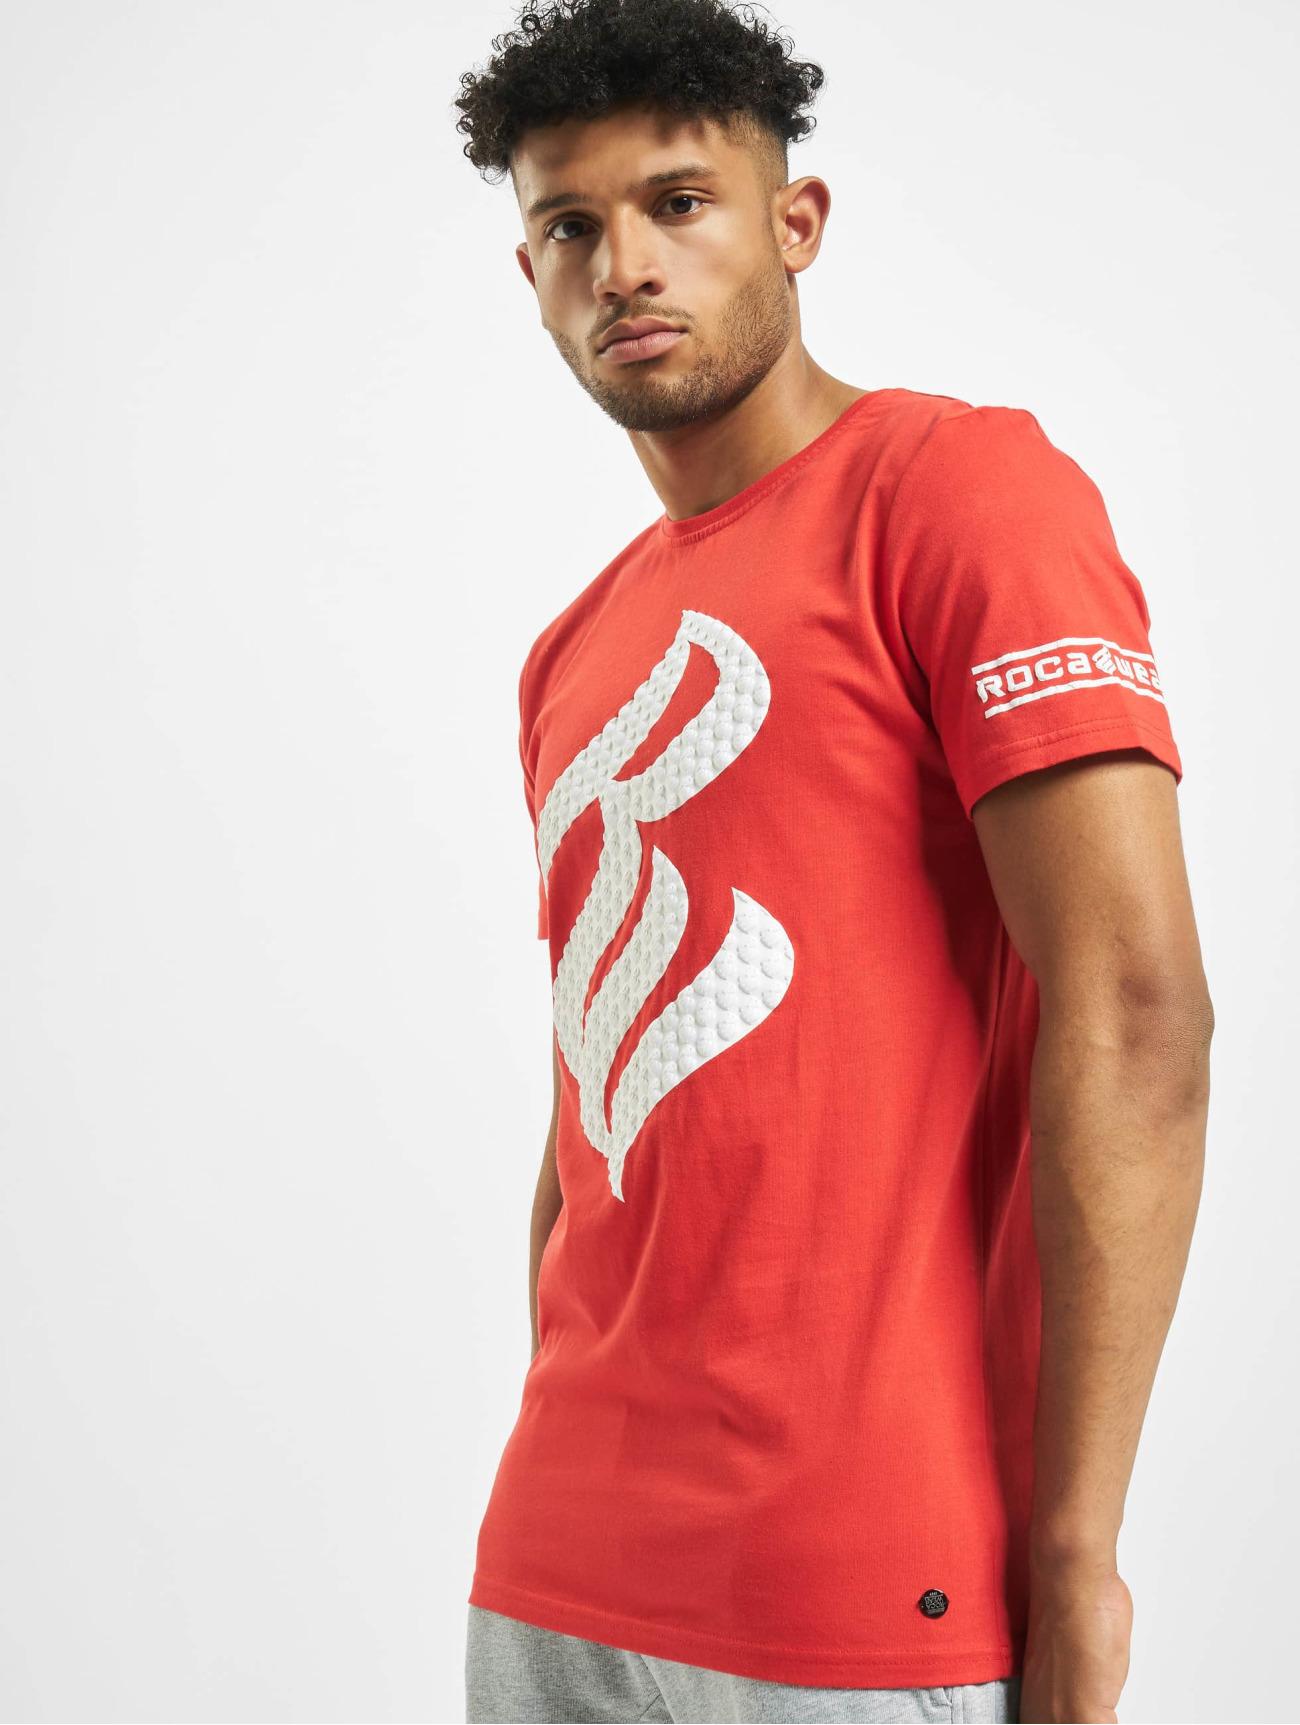 Rocawear   Arthur  rouge Homme T-Shirt  648143  Homme Hauts